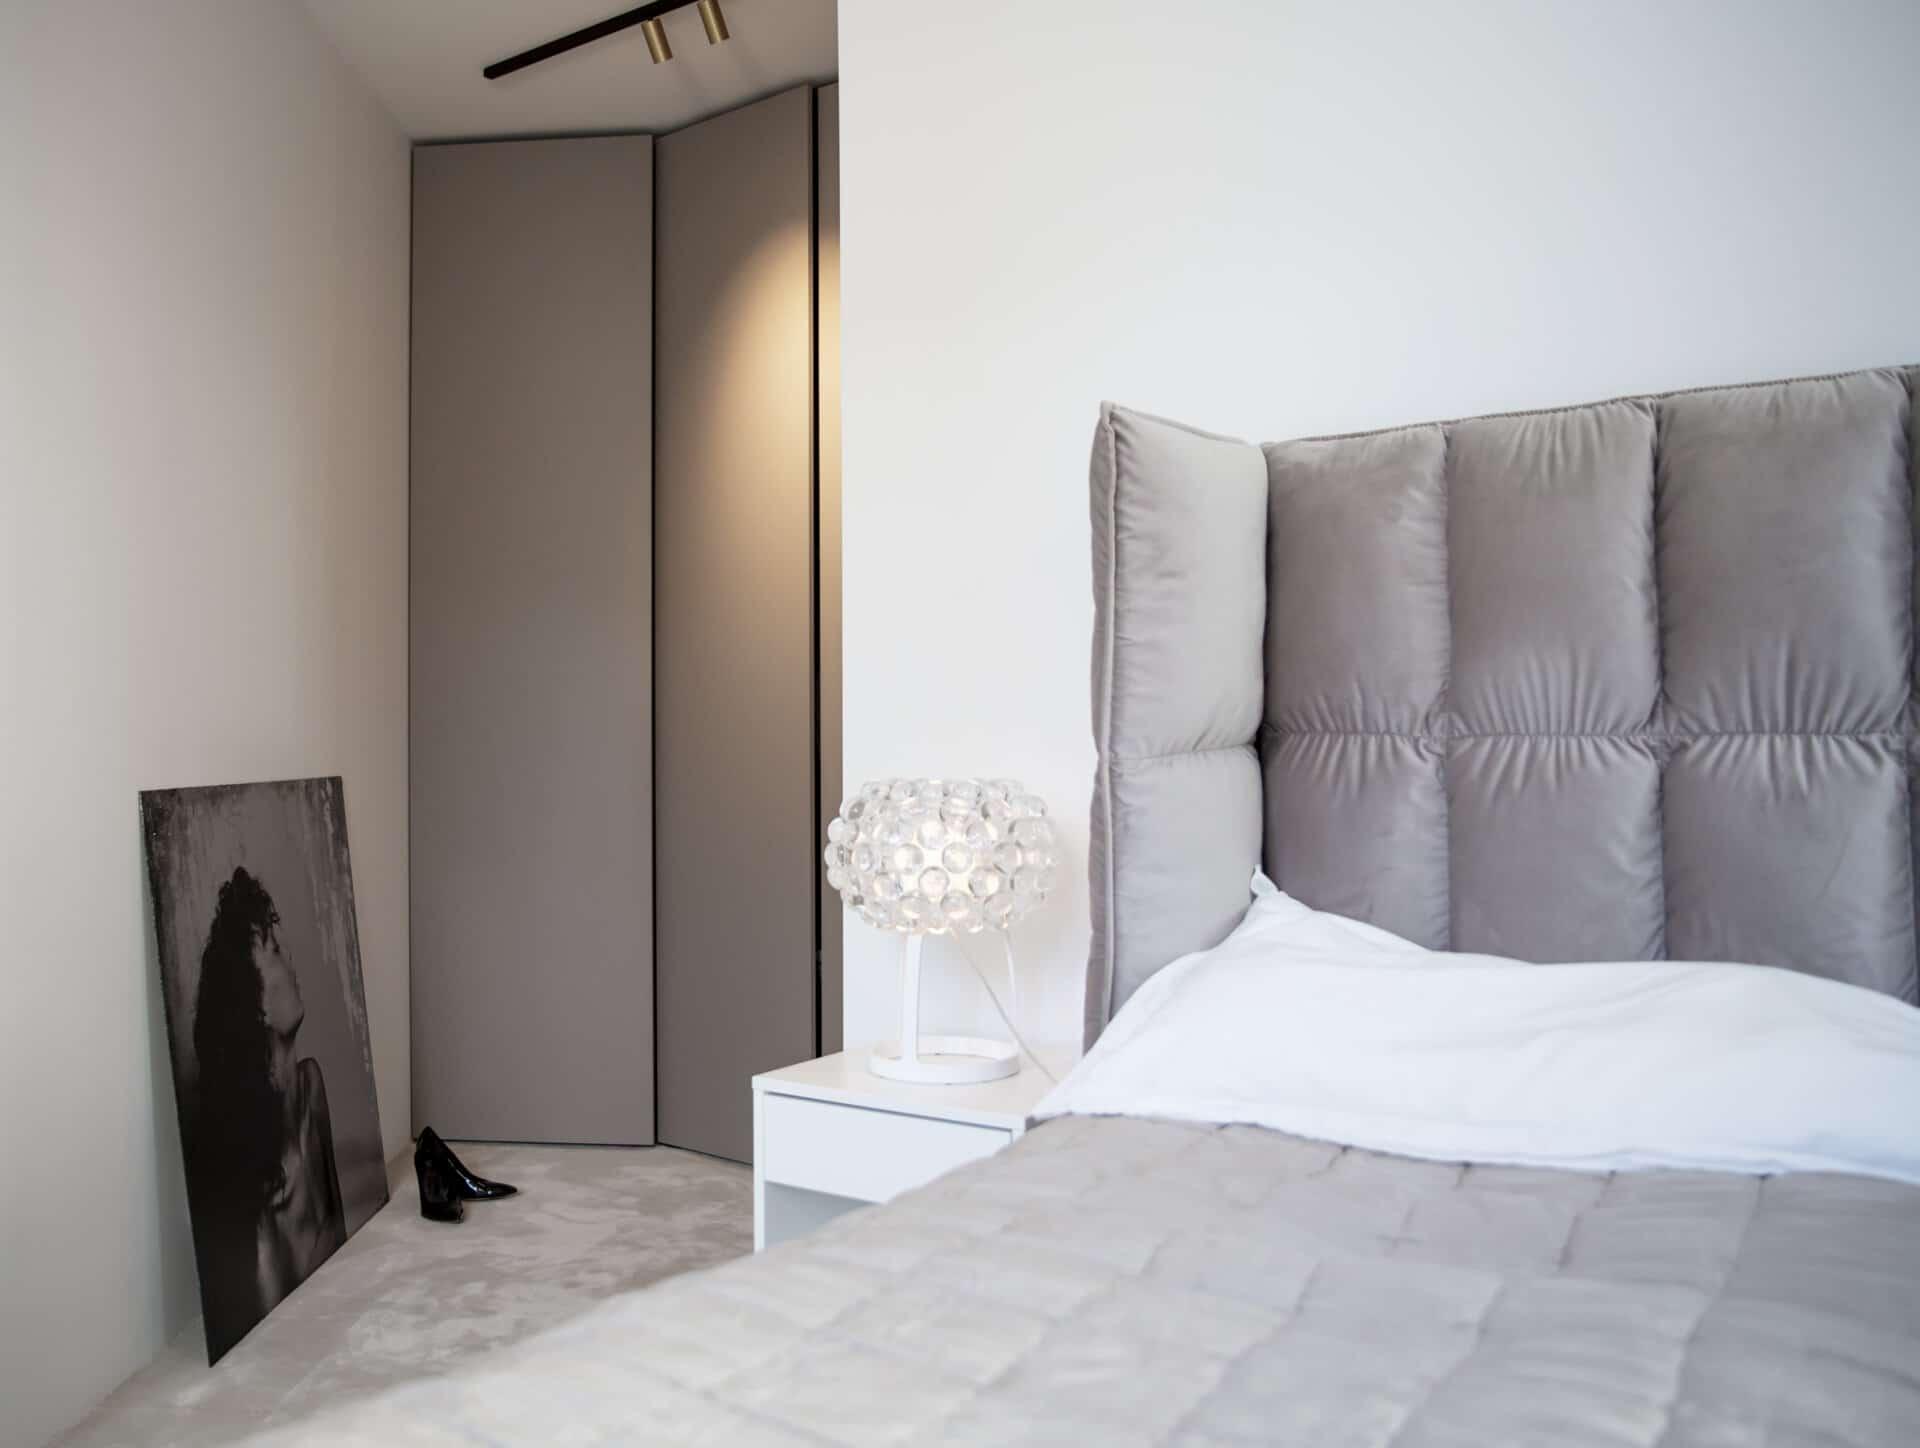 platsbyggt sovrum sänggavel säng walk in closet